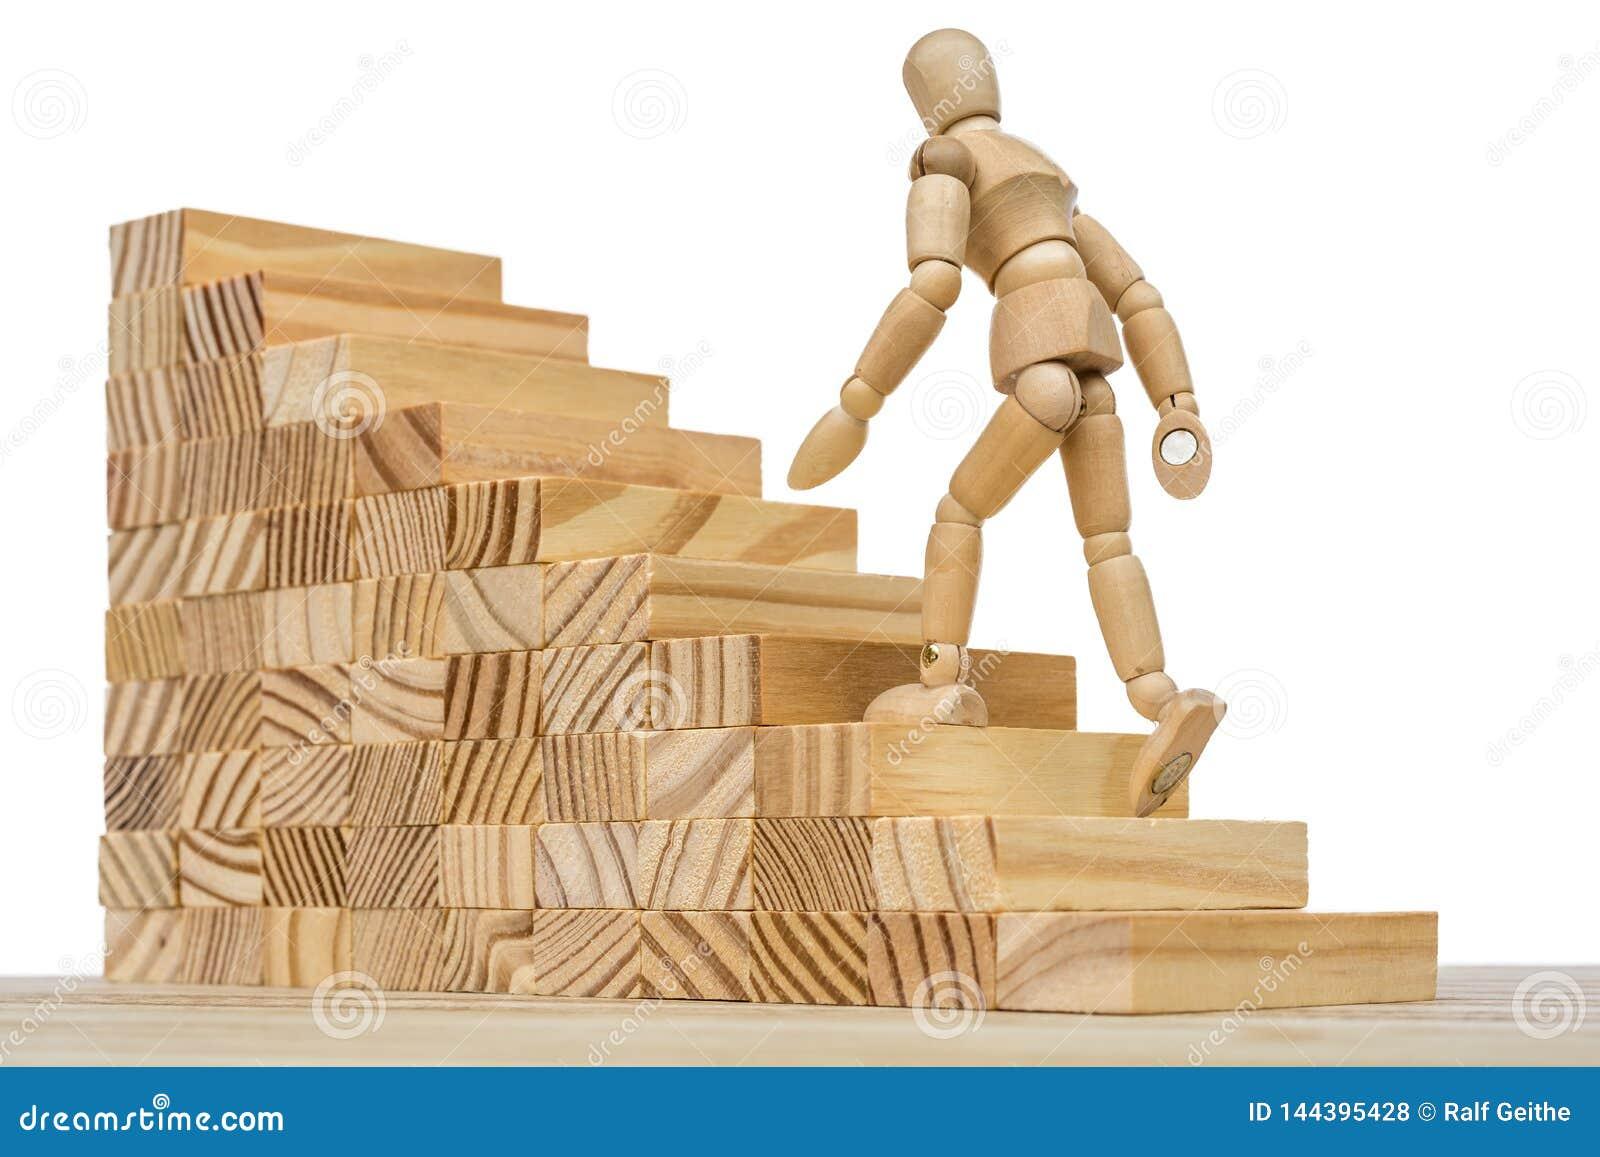 Drewniana postać biega w górę wysokich schodków jako metafora dla pracy i kariery